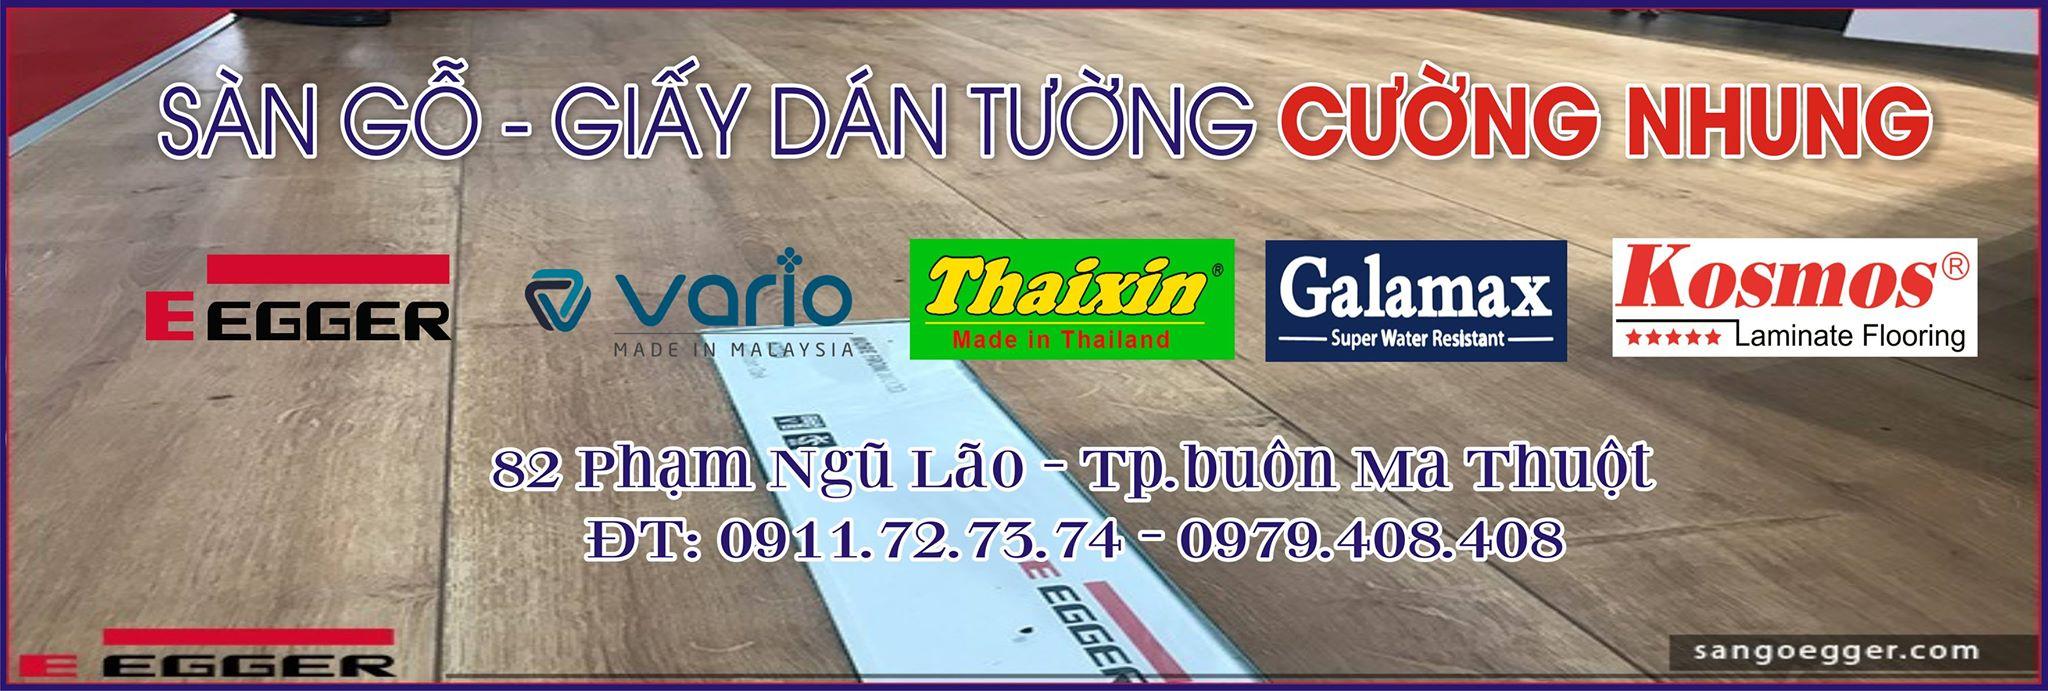 Sàn Gỗ Cường Nhung tại Đắk Lắk